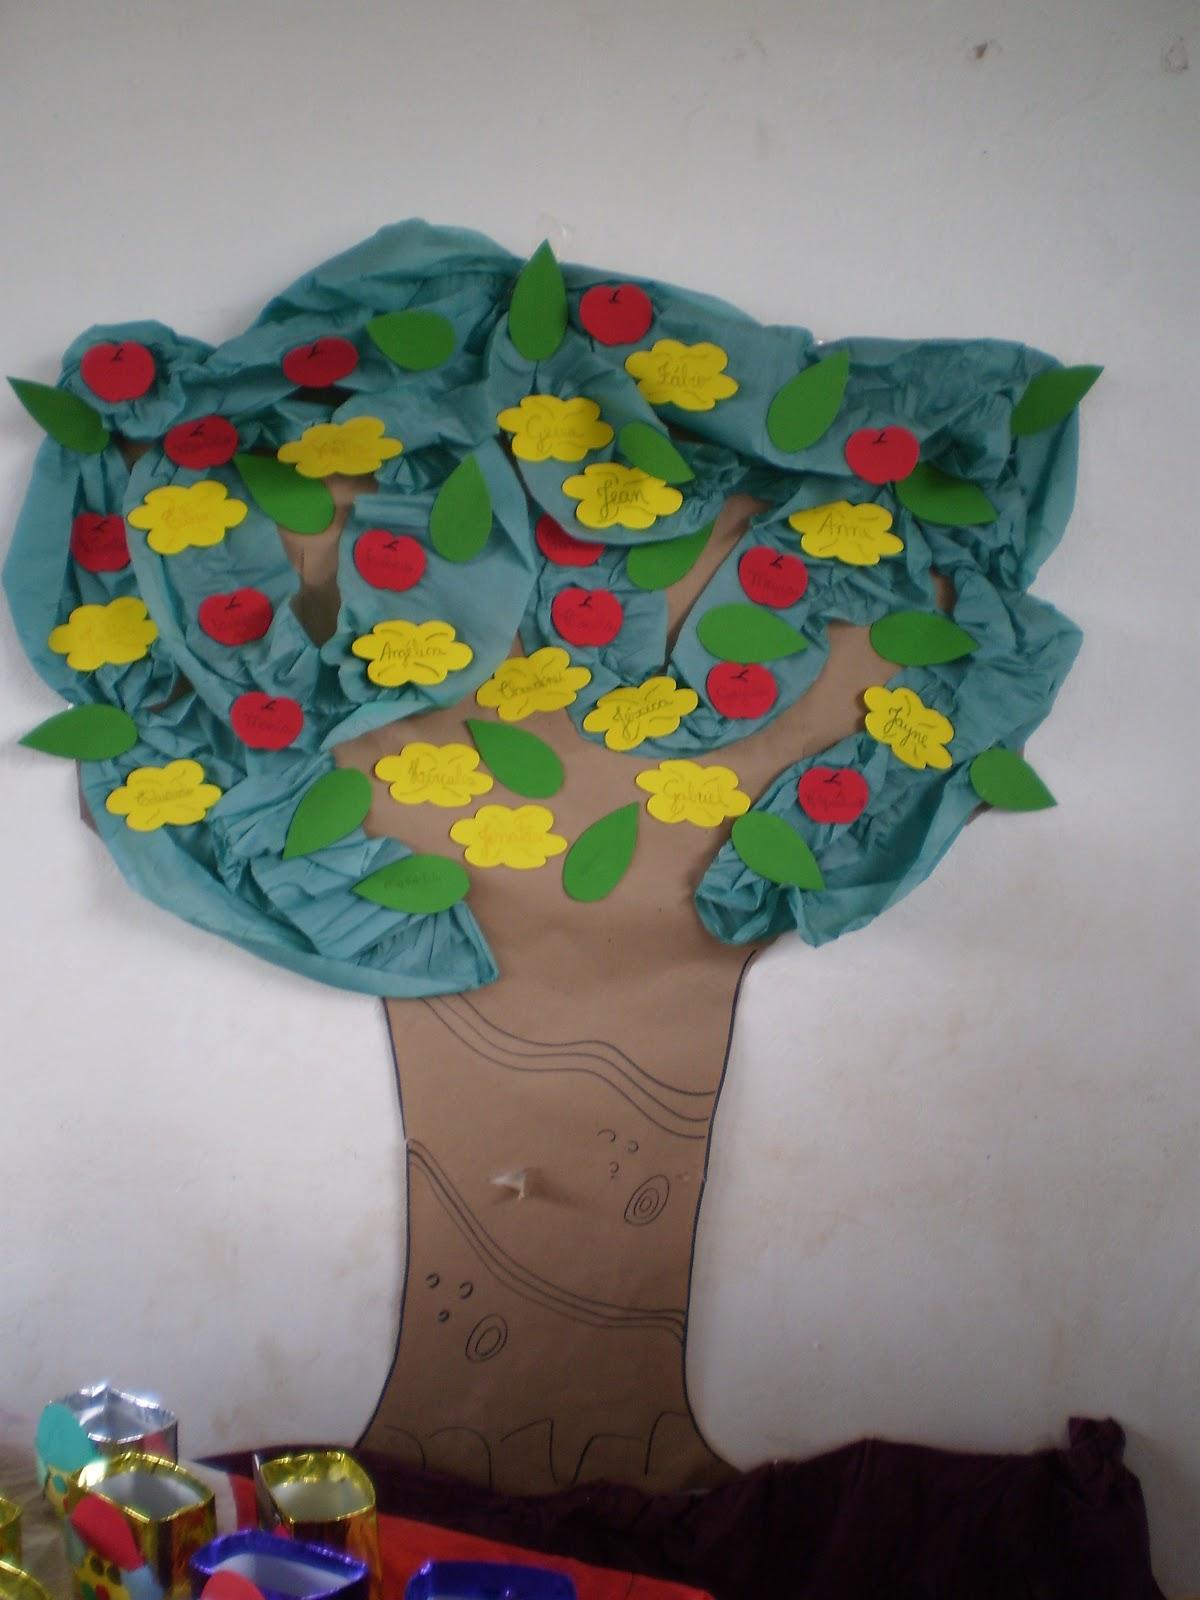 flores no jardim frases : flores no jardim frases:Tias do Rui: Chegada da primavera e dia da árvore